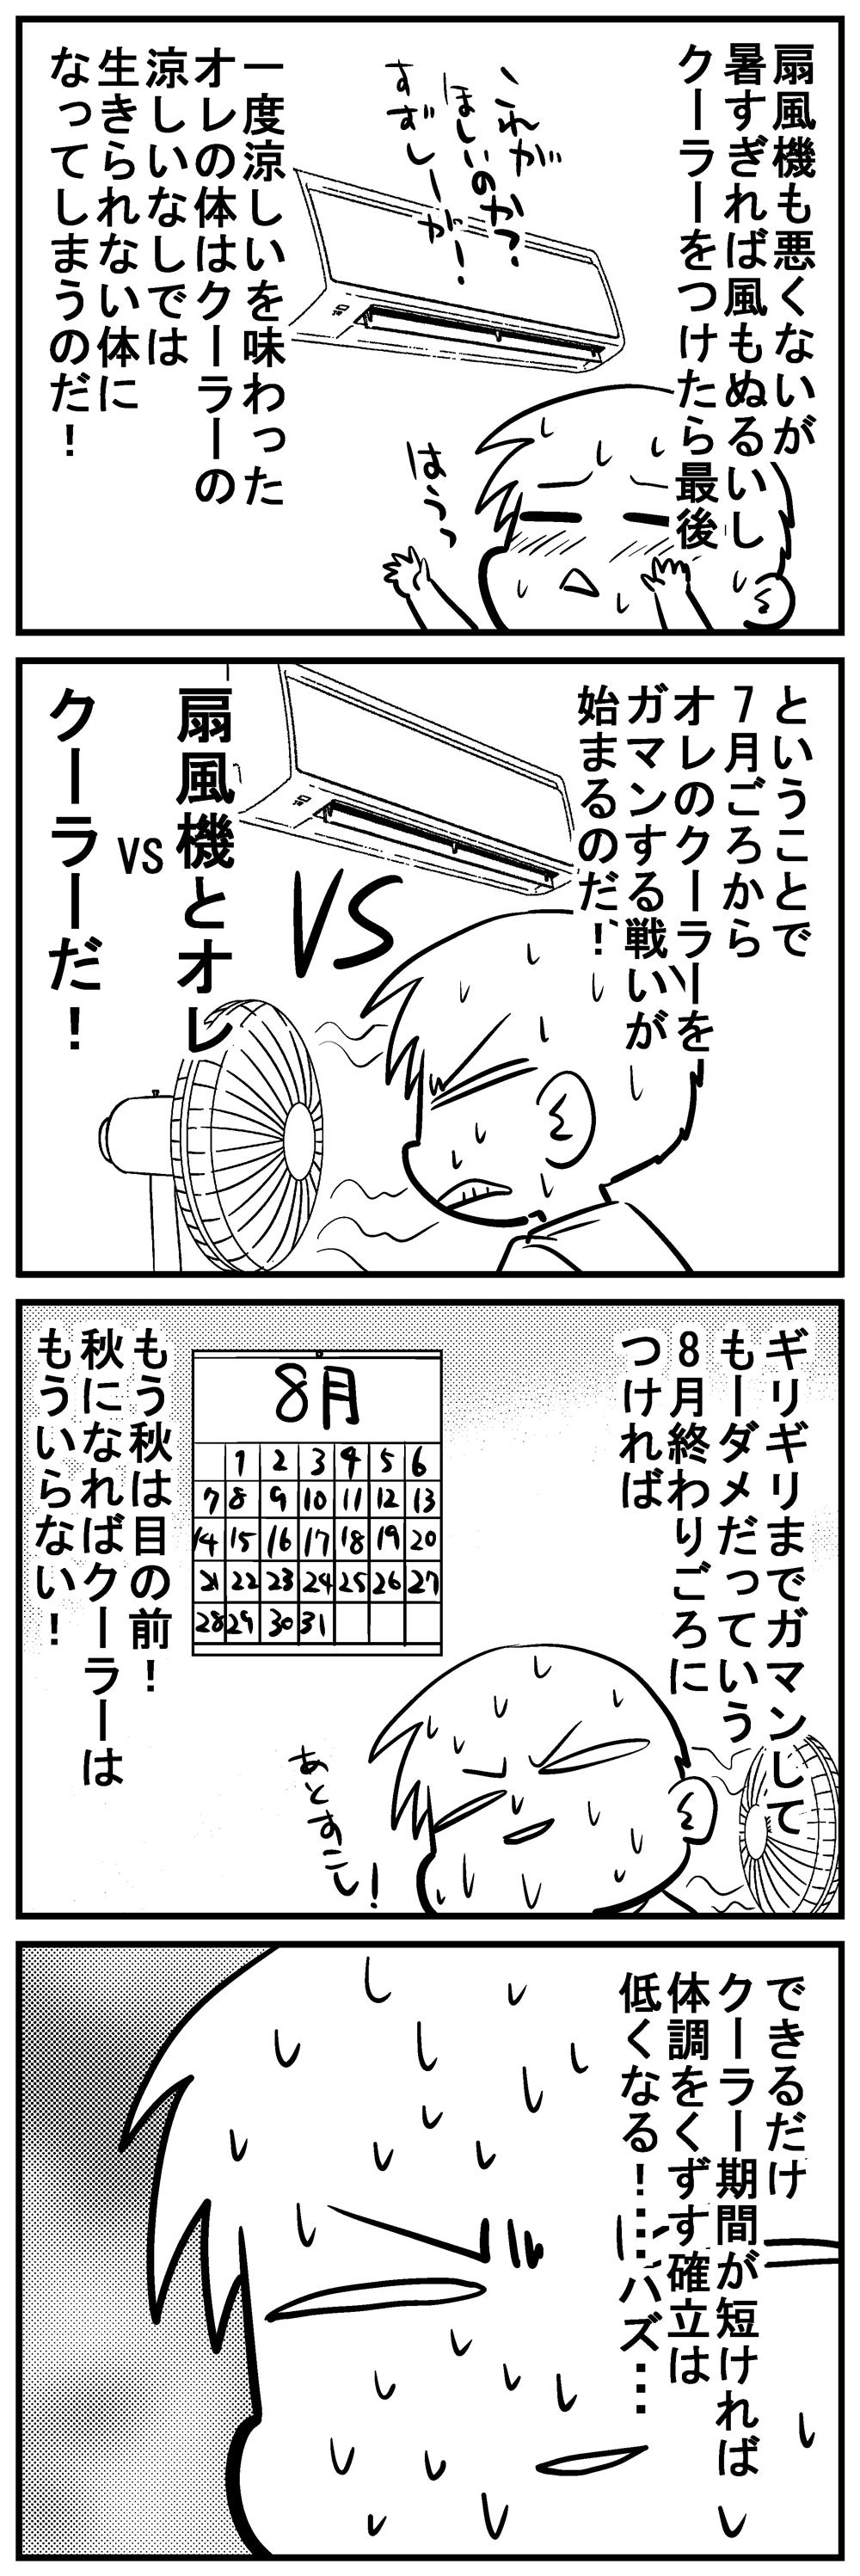 深読みくん64 3